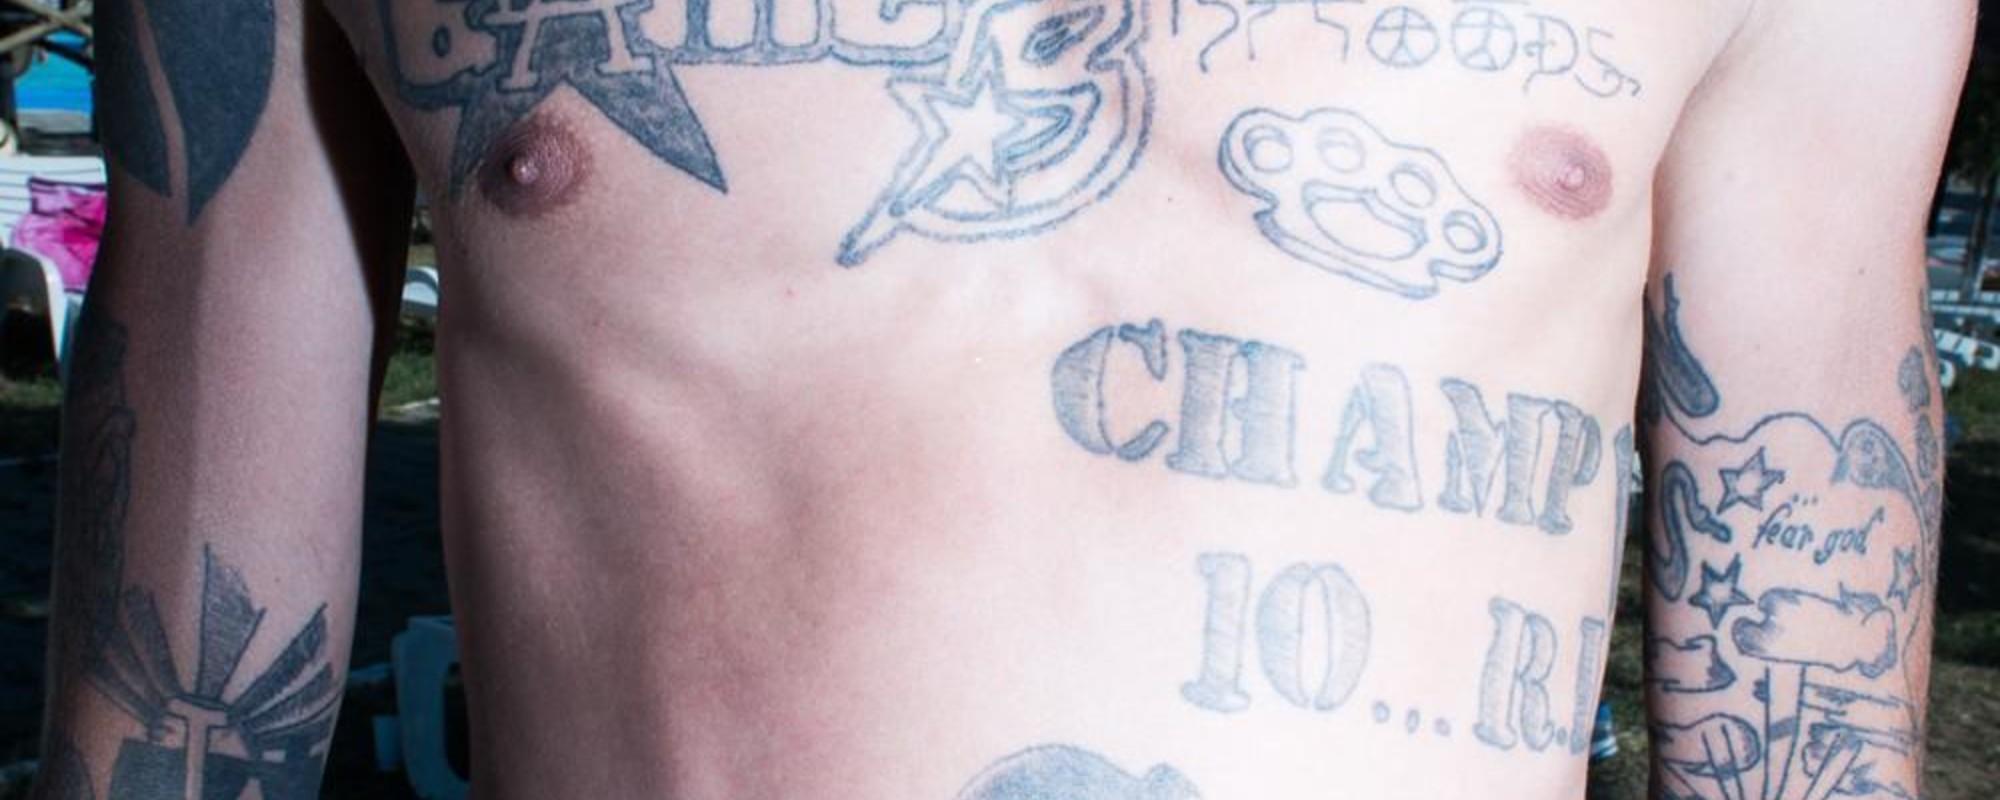 Τα Περίεργα Τατουάζ στις Δημόσιες Πισίνες της Ρουμανίας